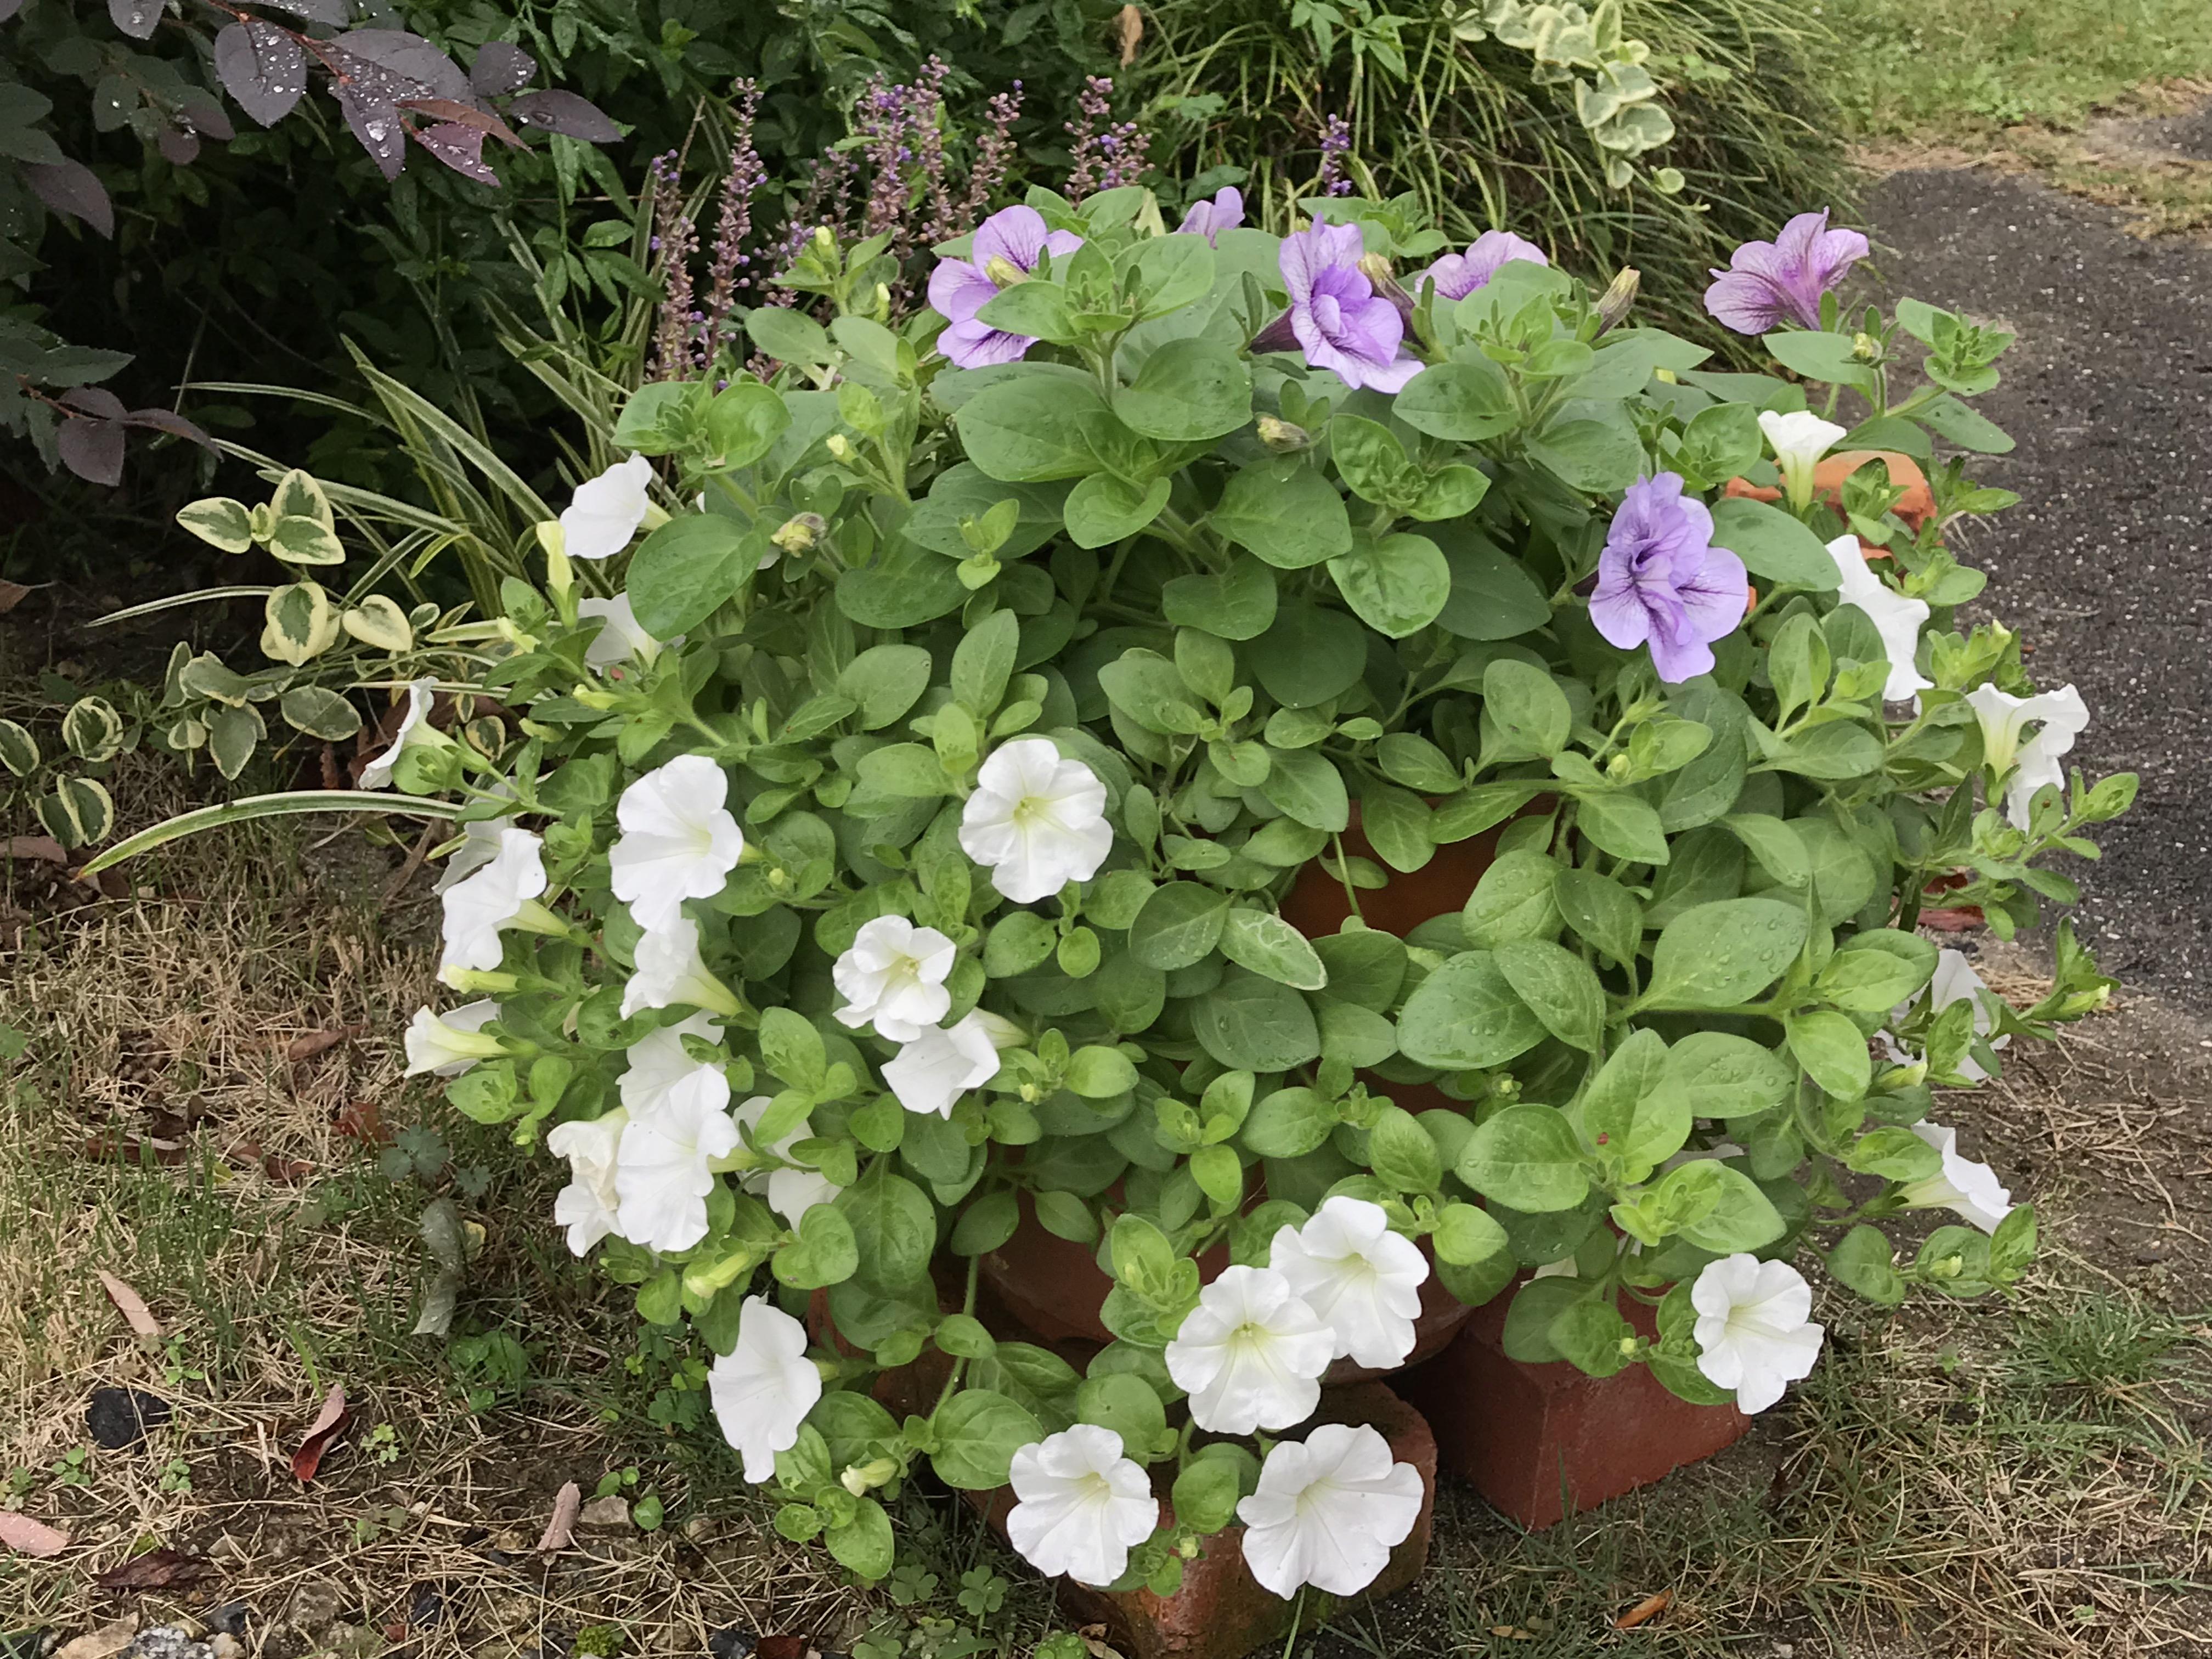 ペチュニア秋の寄せ植えづくり 〜駄温鉢に色違いのペチュニアを植えて〜